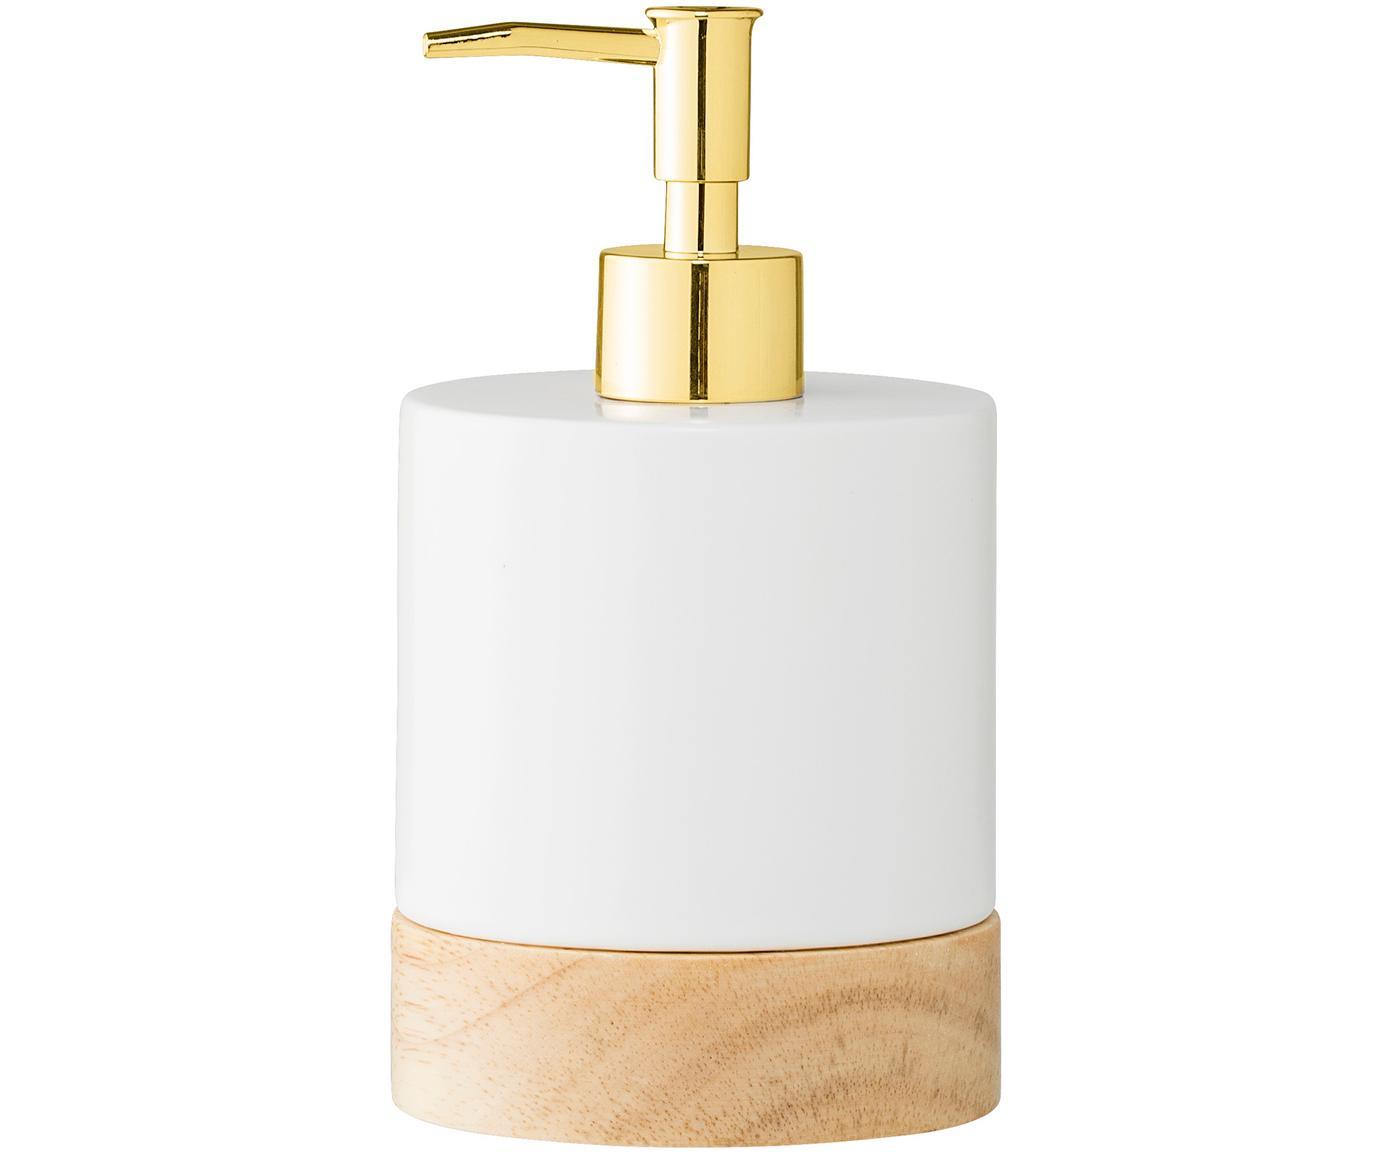 Dozownik do mydła Adam, Porcelana, drewno kauczukowe, metal, Szary, biały, odcienie mosiądzu, Ø 10 x W 18 cm